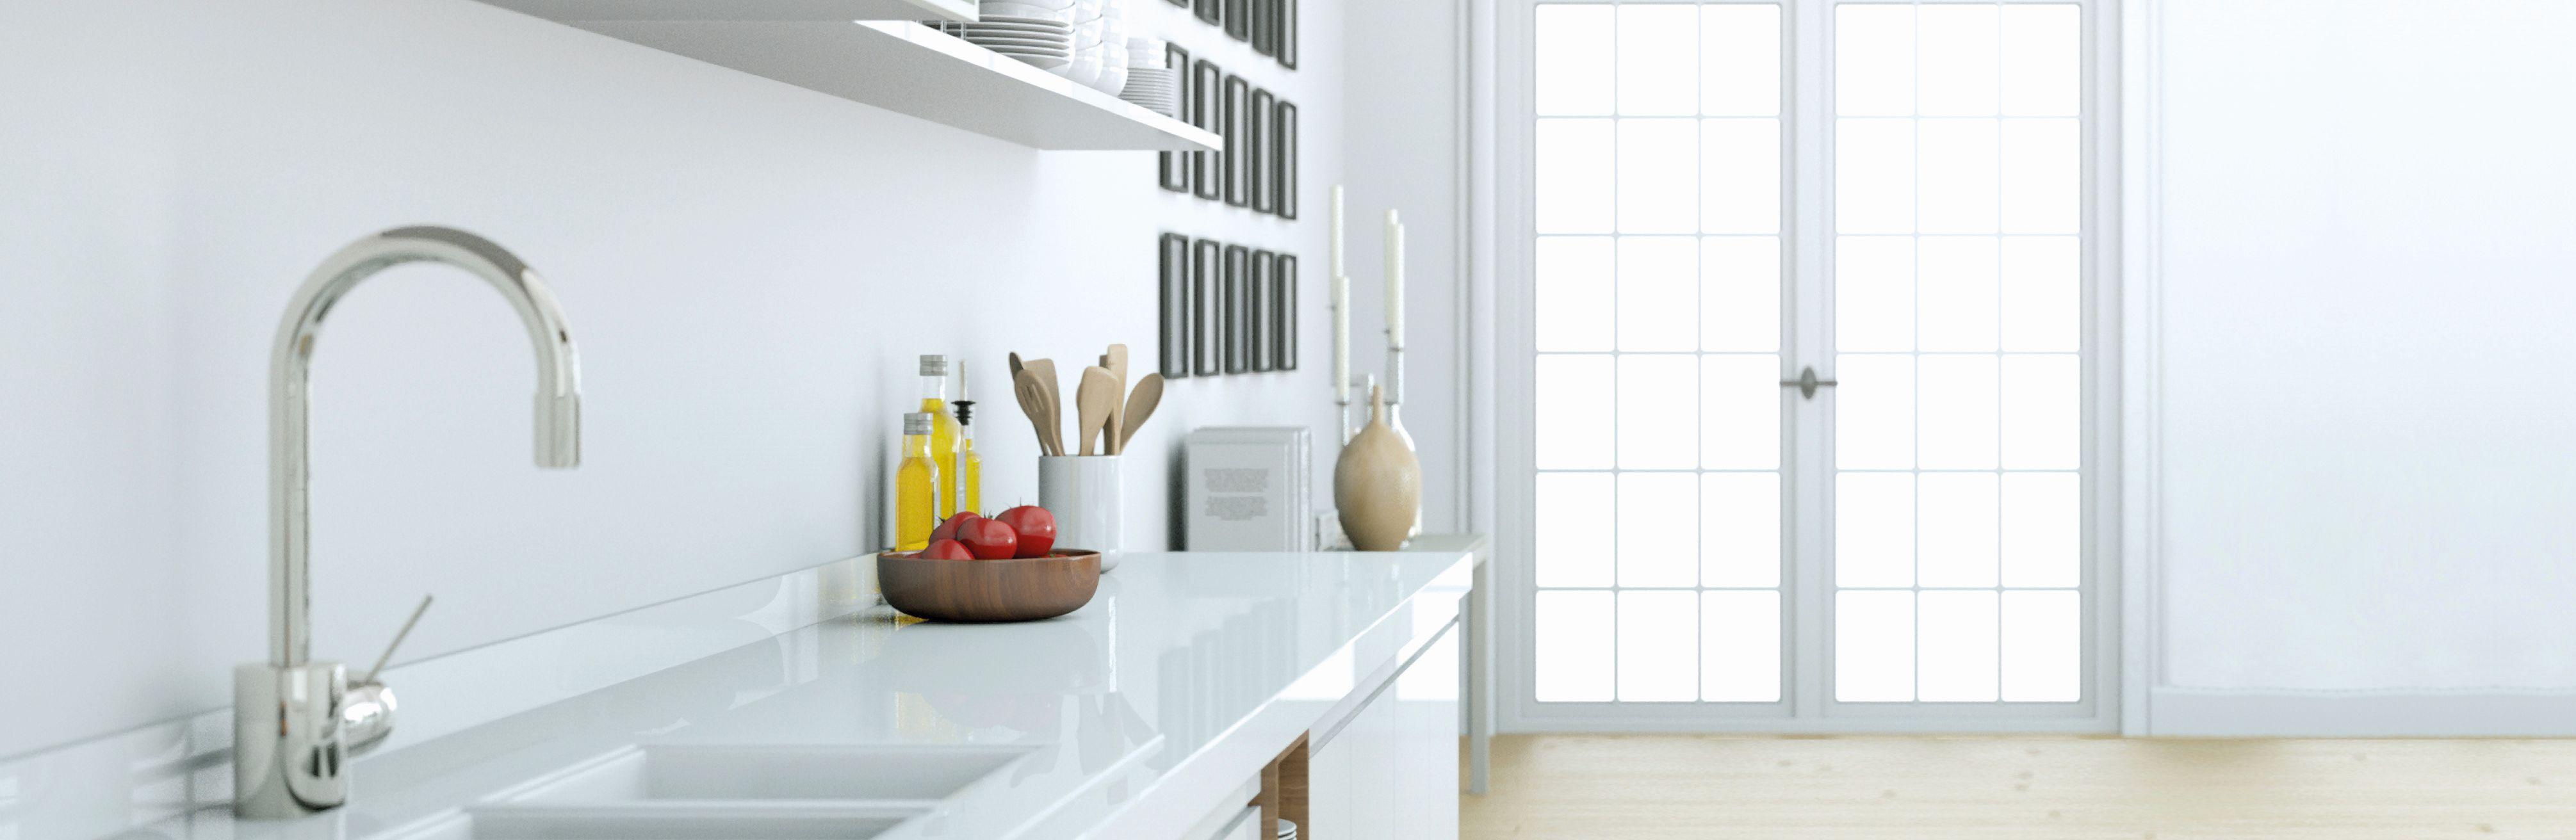 Küchen Wandfarbe Abwaschbar   Elefantenhaut In Der Küche Streichen So Geht S   Sekretär Yellow Möbel